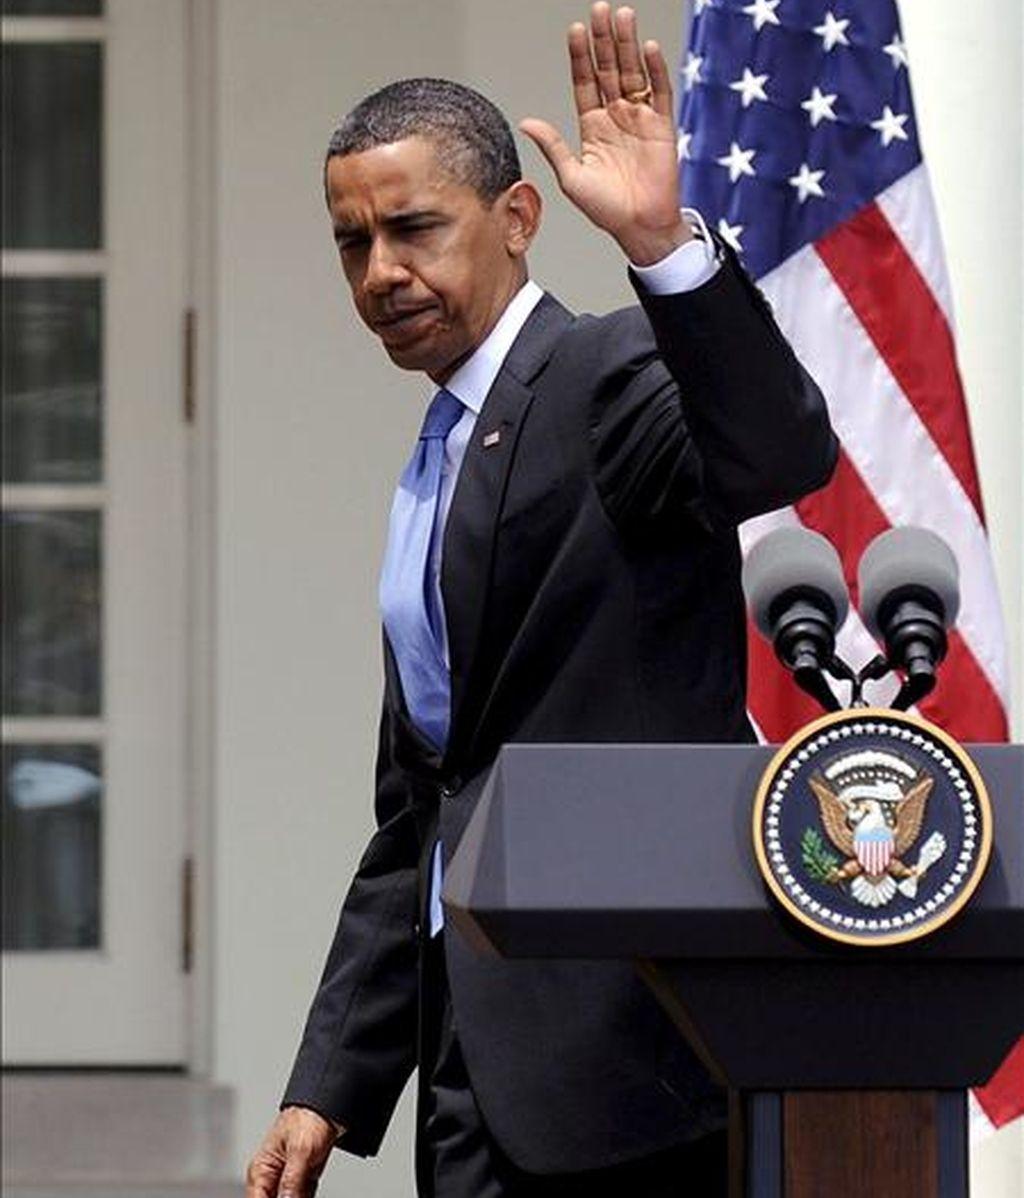 El presidente estadounidense, Barack Obama, se despide tras la rueda de prensa que ofreció ayer en los jardines de la Casa Blanca junto al presidente de Corea del Sur Lee Myung-bak. EFE